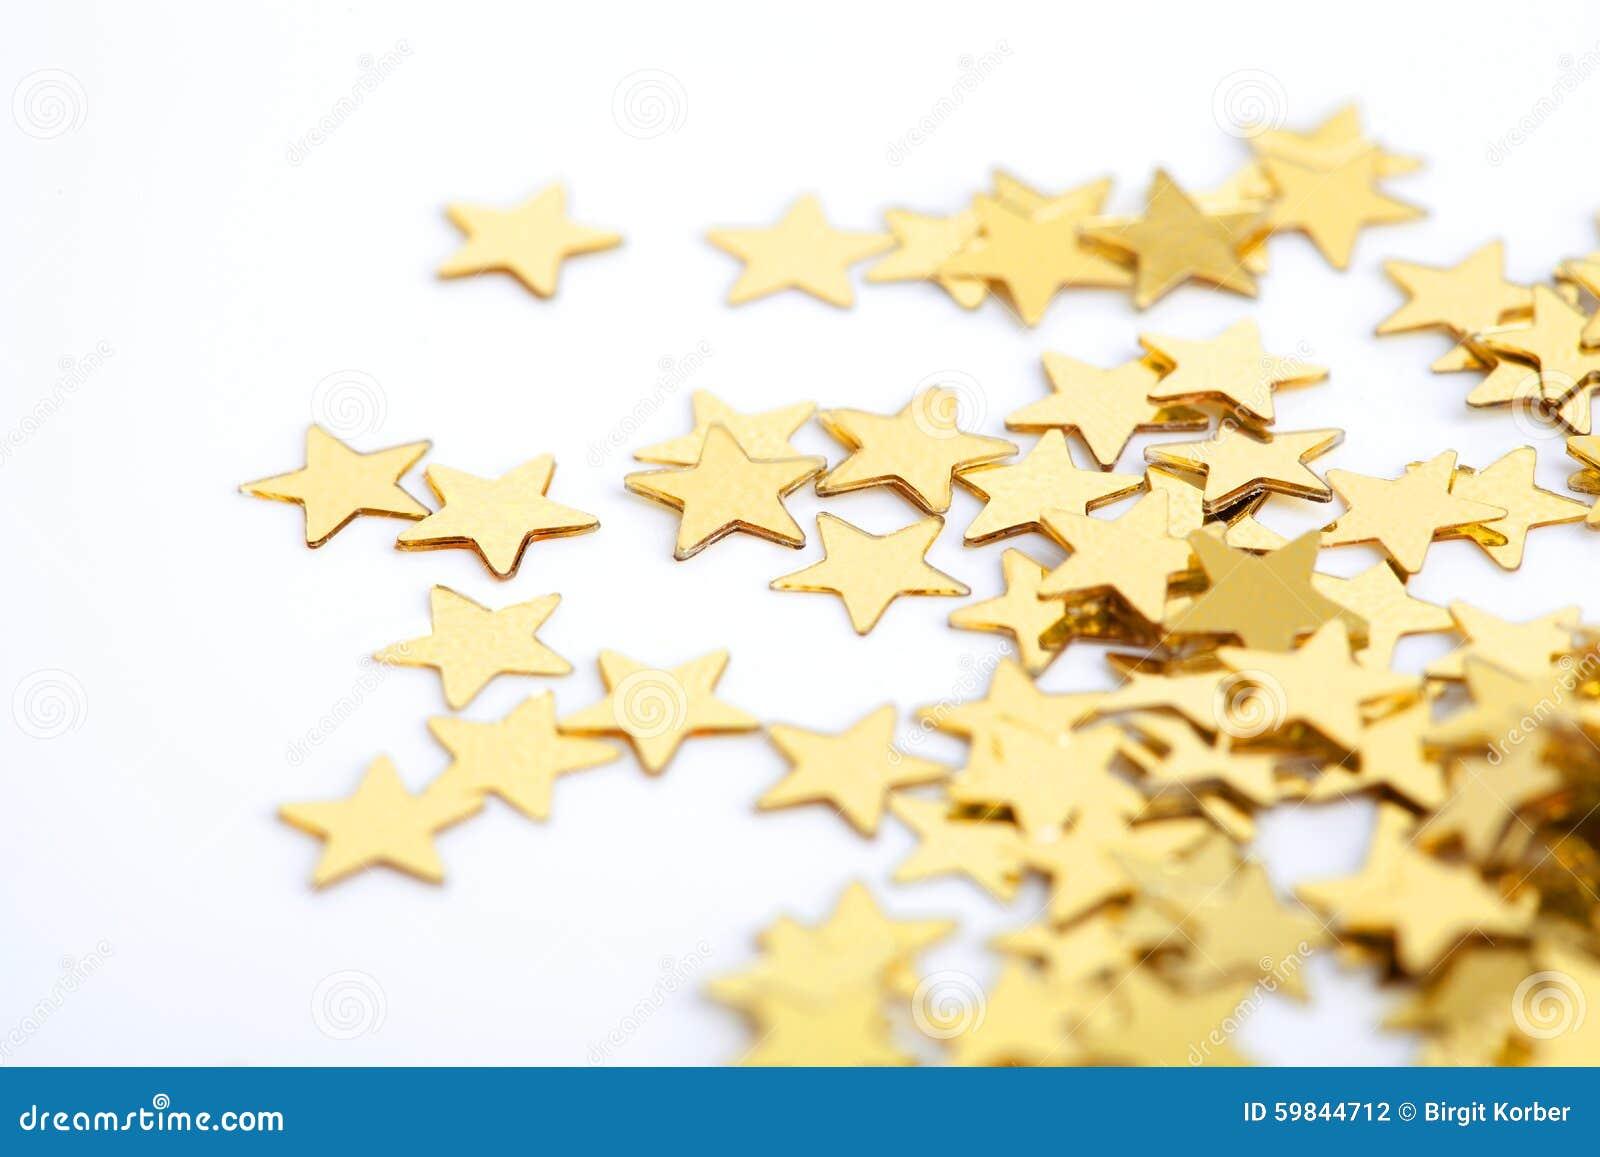 Gouden Sterren Als Achtergrond Voor Kerstmis Stock Foto Afbeelding